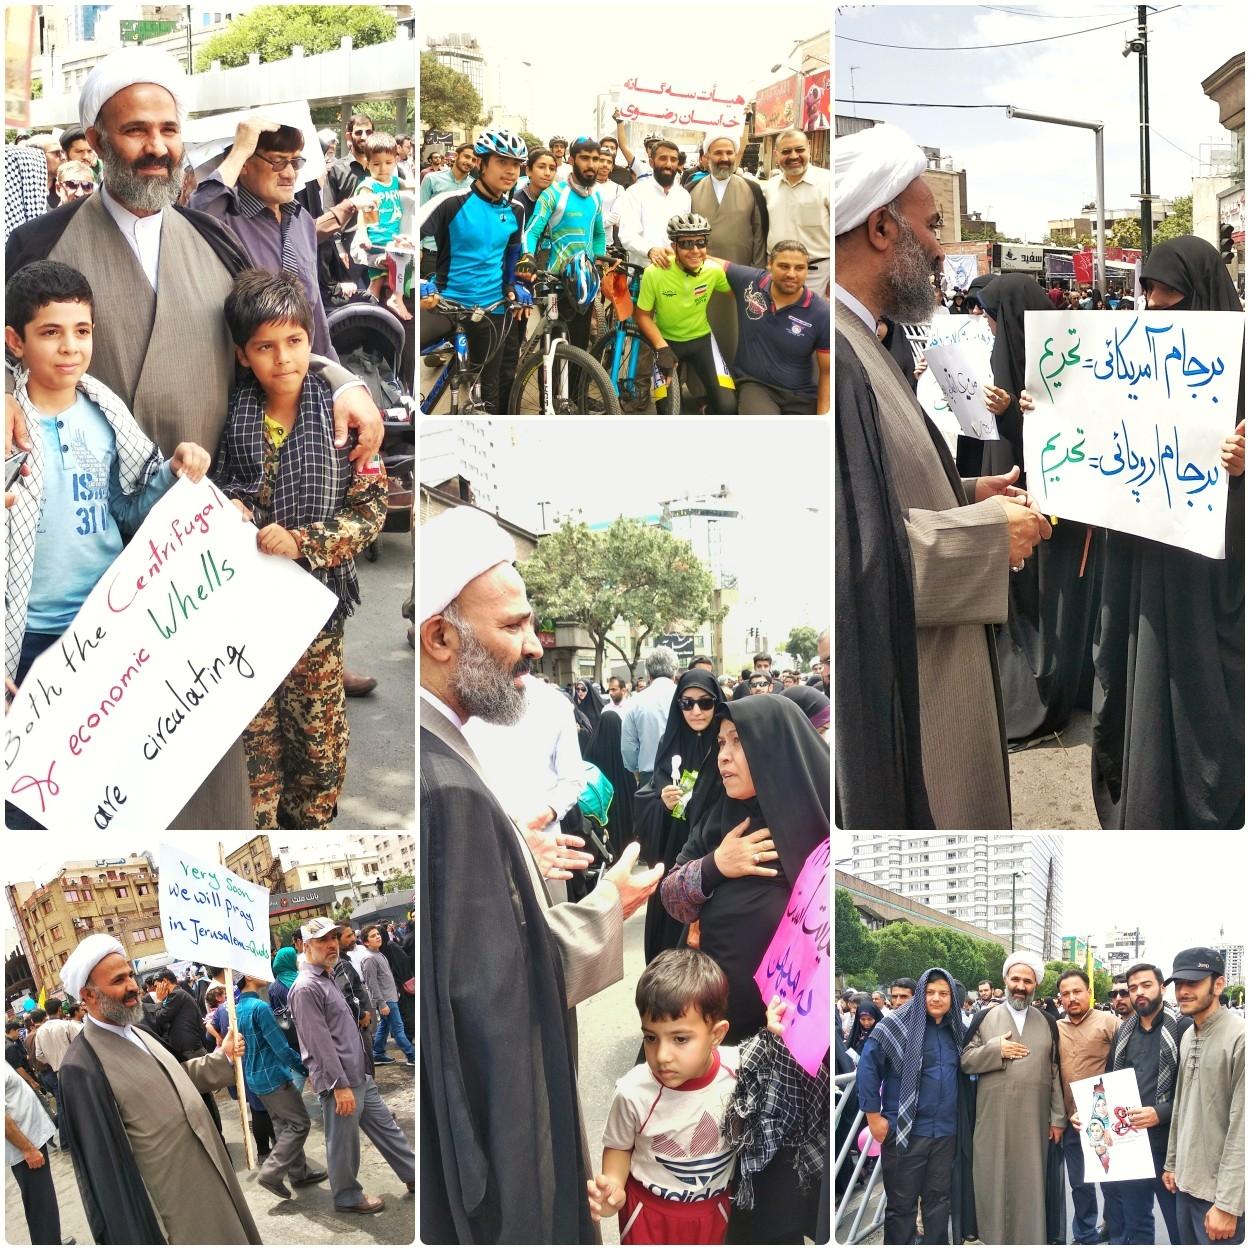 پژمانفر: مردم با حضور در راهپیمایی، انزجارشان را از اعمال خبیثانه صهیونیستها نشان دادند